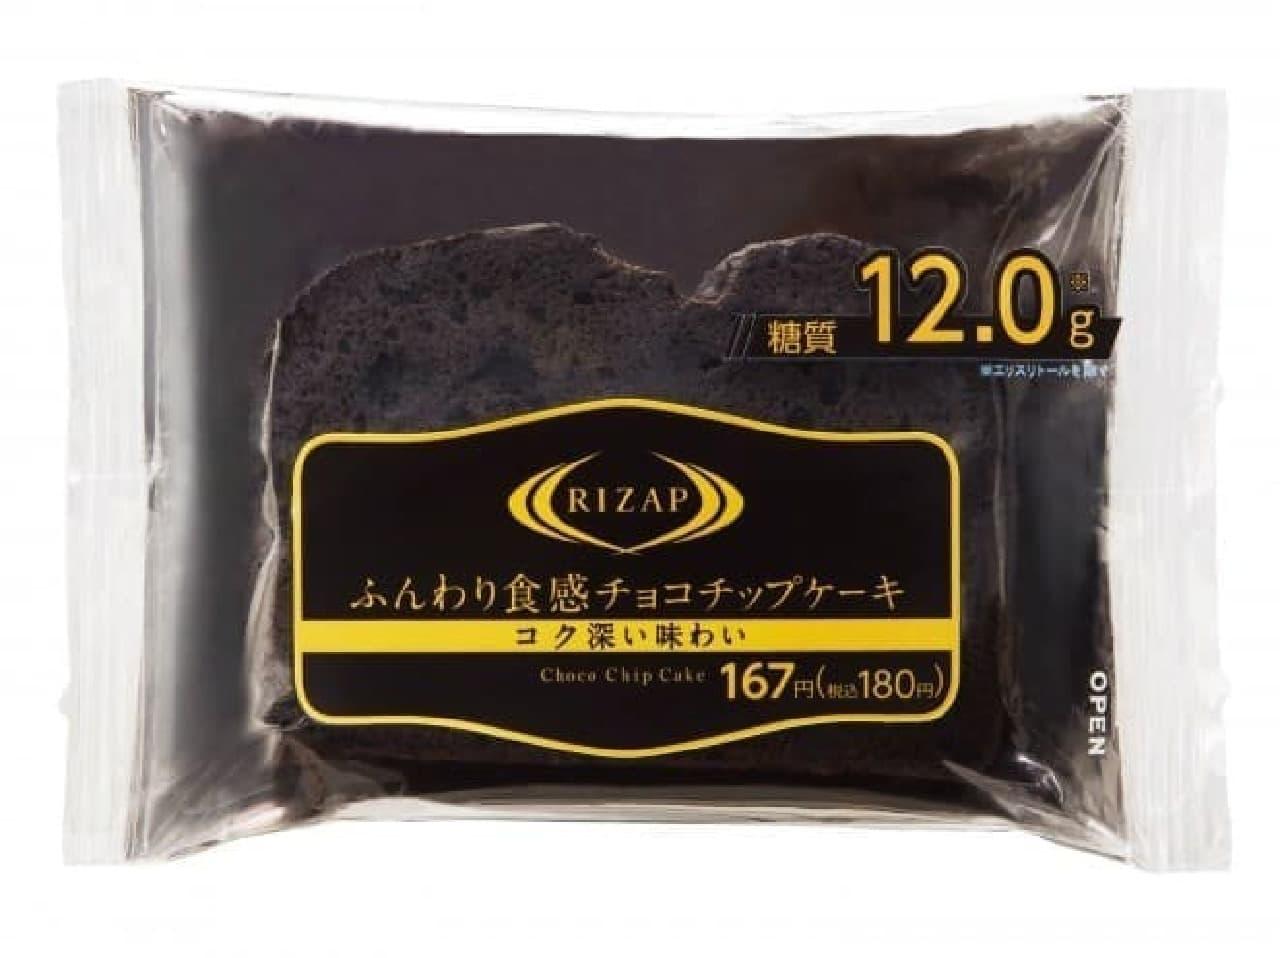 ファミリーマート「RIZAP ふんわり食感チョコチップケーキ」